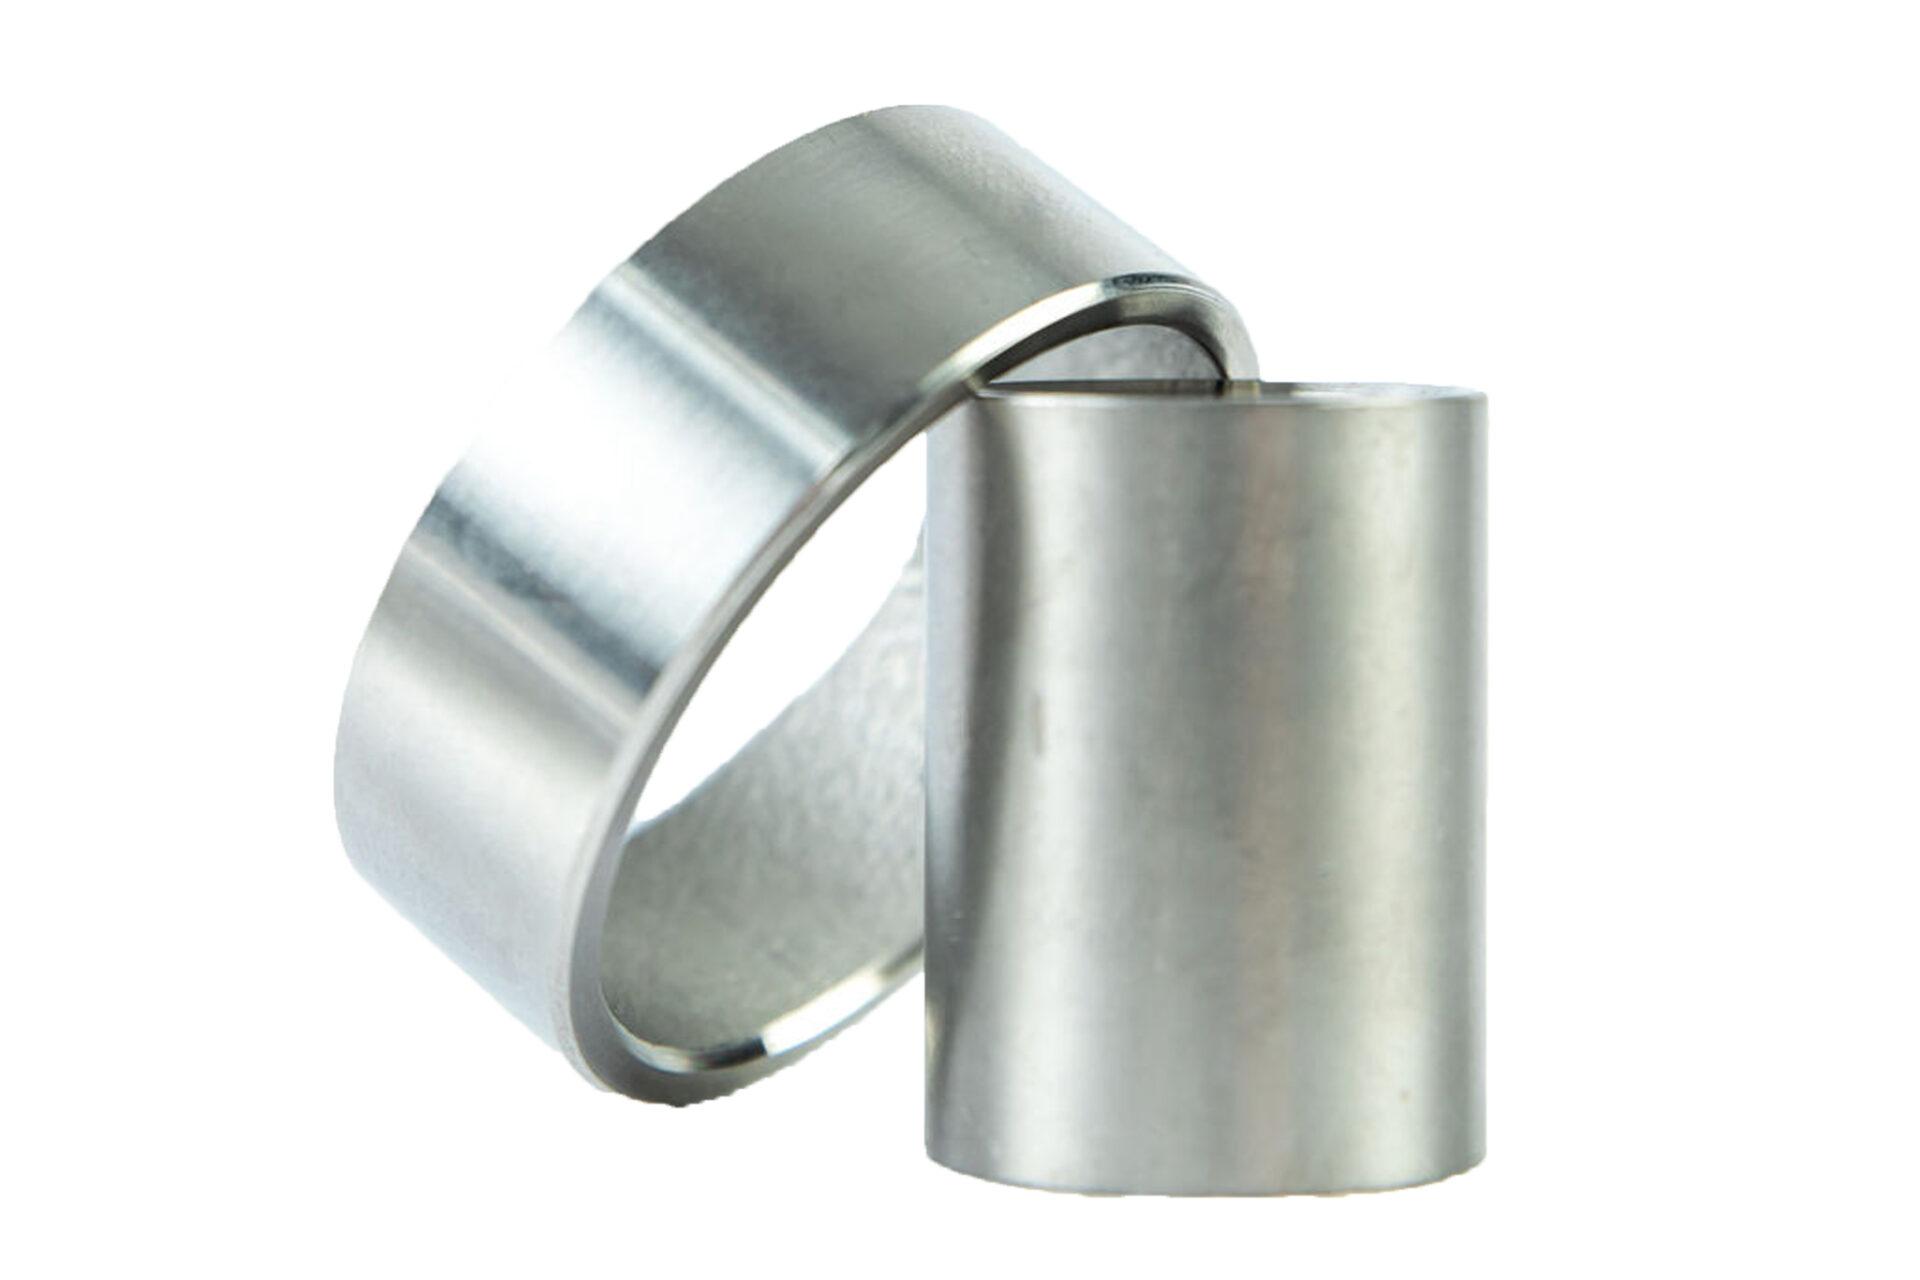 close up of metal parts